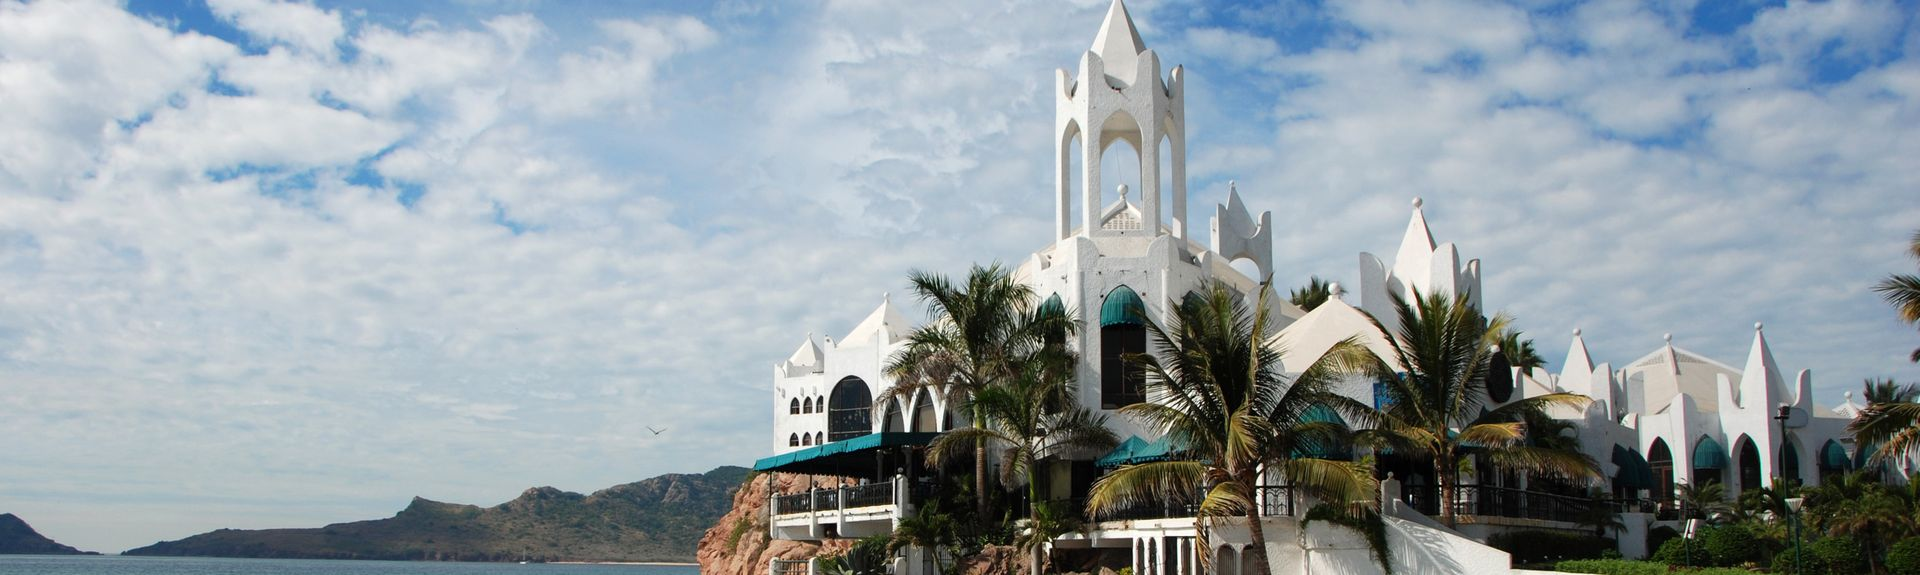 Μαζατλάν, Sin., Μεξικό